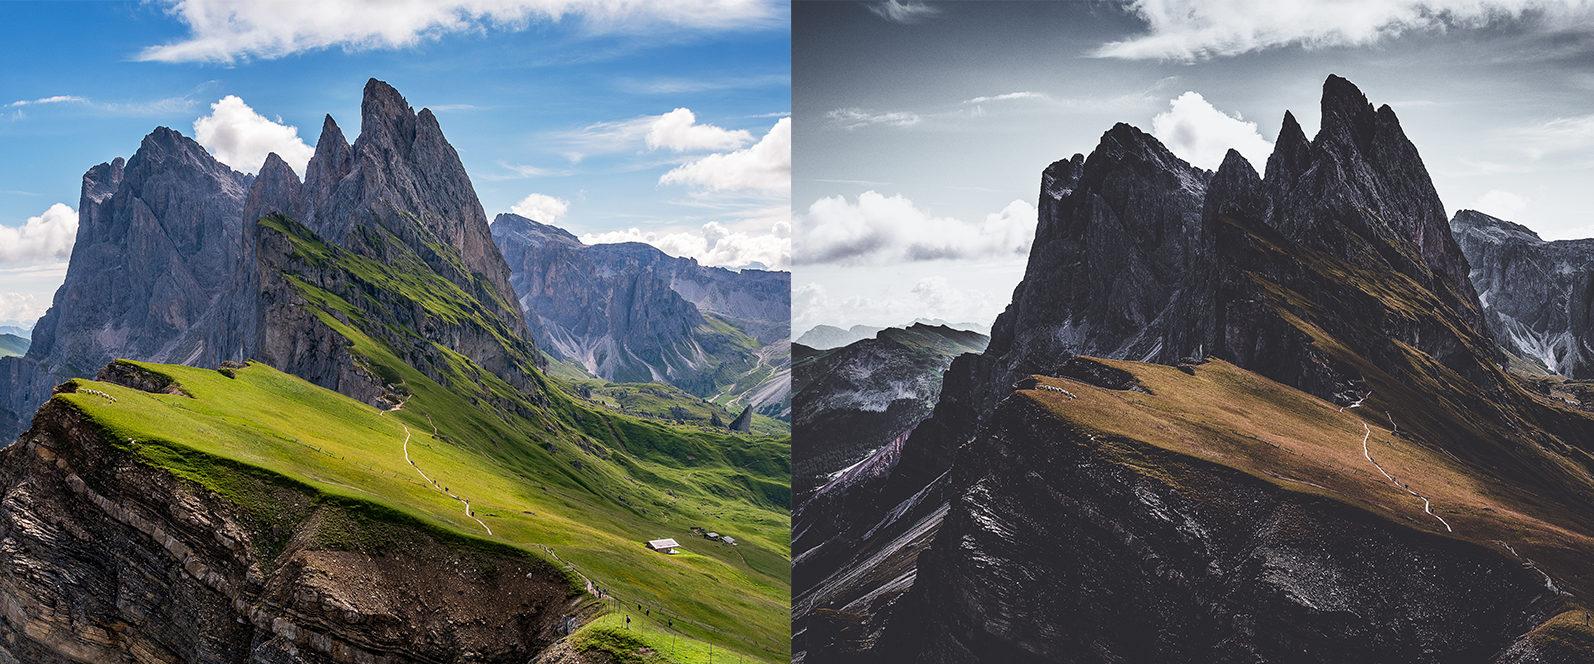 10 x Moody Landscape Lightroom Presets, Travel Presets | Mobile and Desktop - 3 Moody Landscapes 1 -